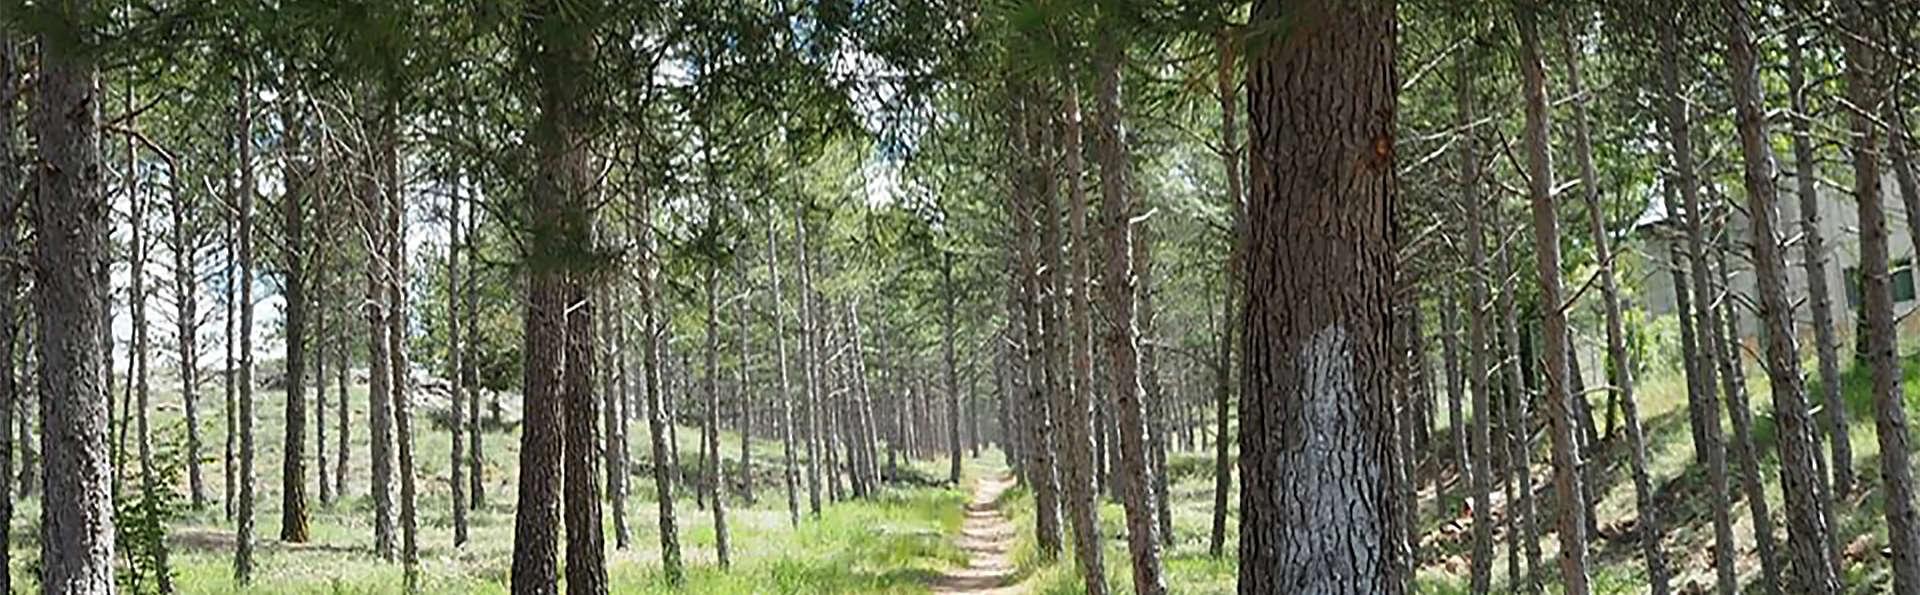 Hotel II Virrey  - EDIT_forest.jpg